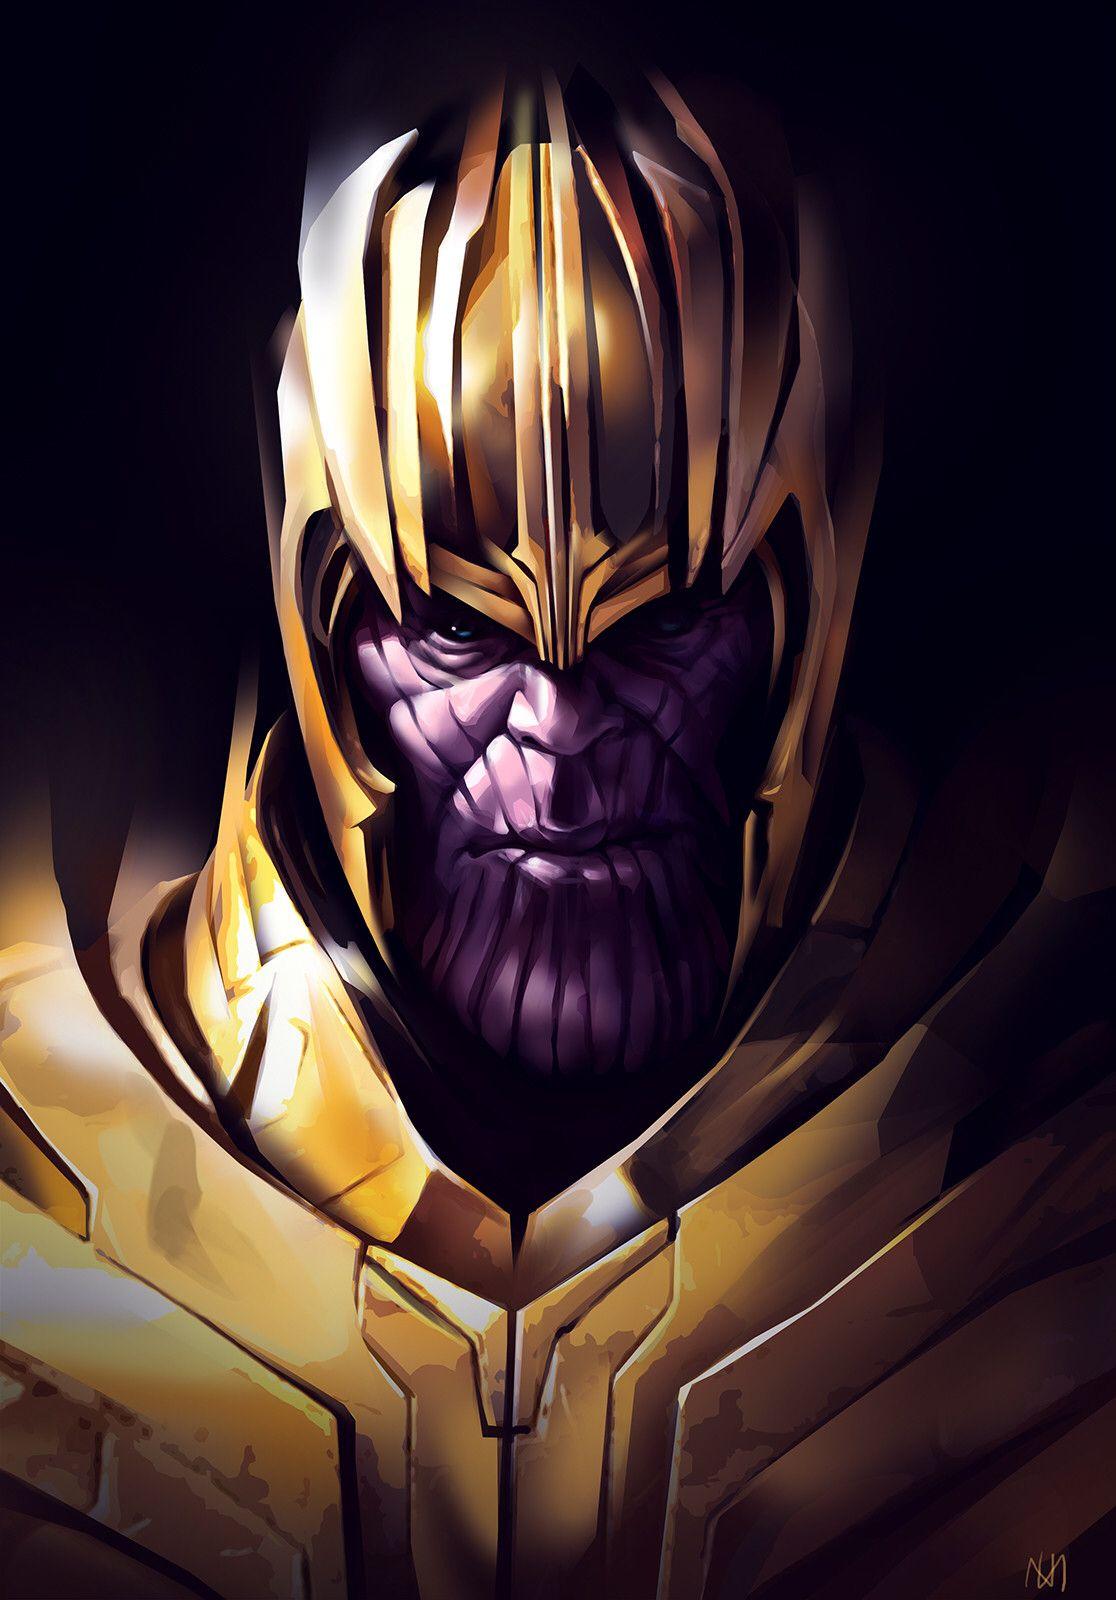 Nagy Norbert Marvel Villains Thanos Marvel Marvel Comics Art